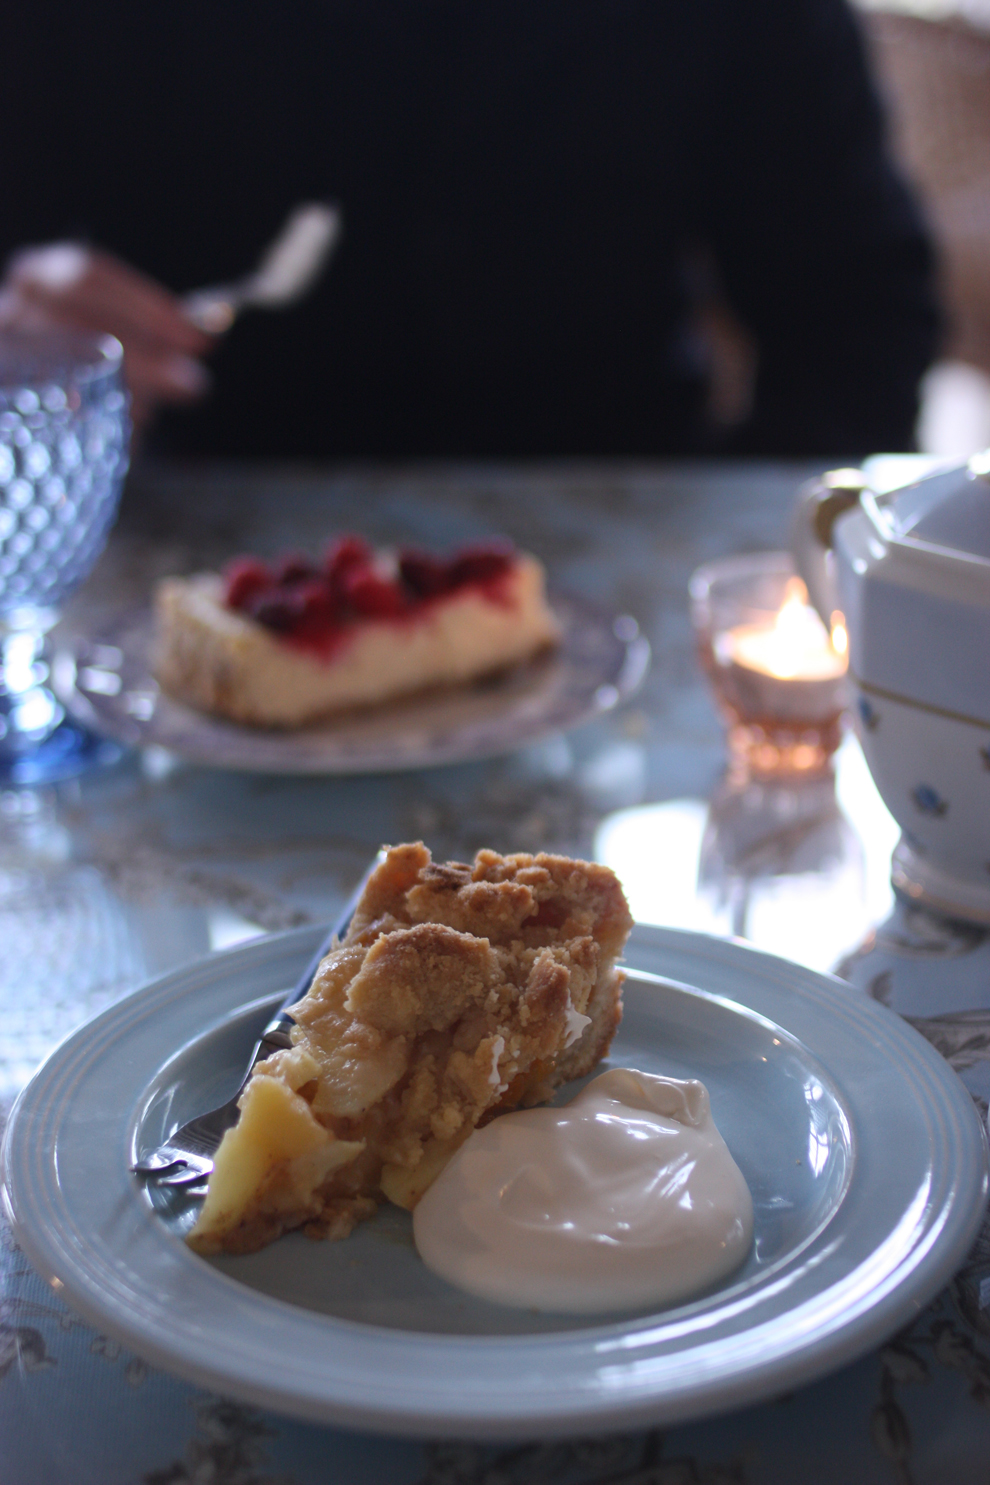 Orangerie_Compiegne_cake